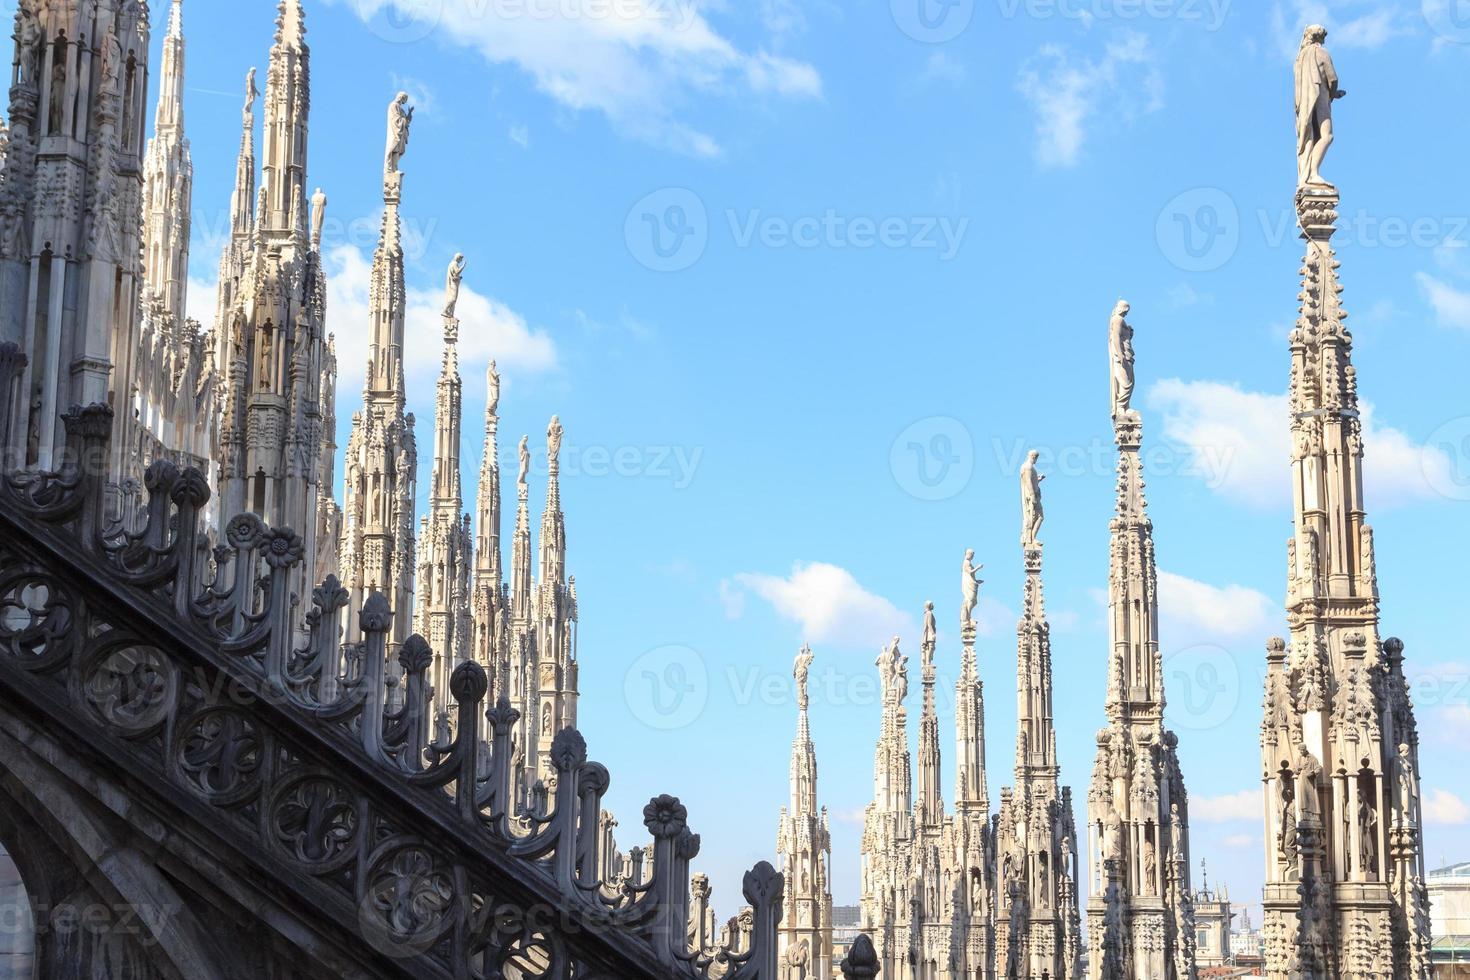 estátuas na catedral de Milão e céu azul foto